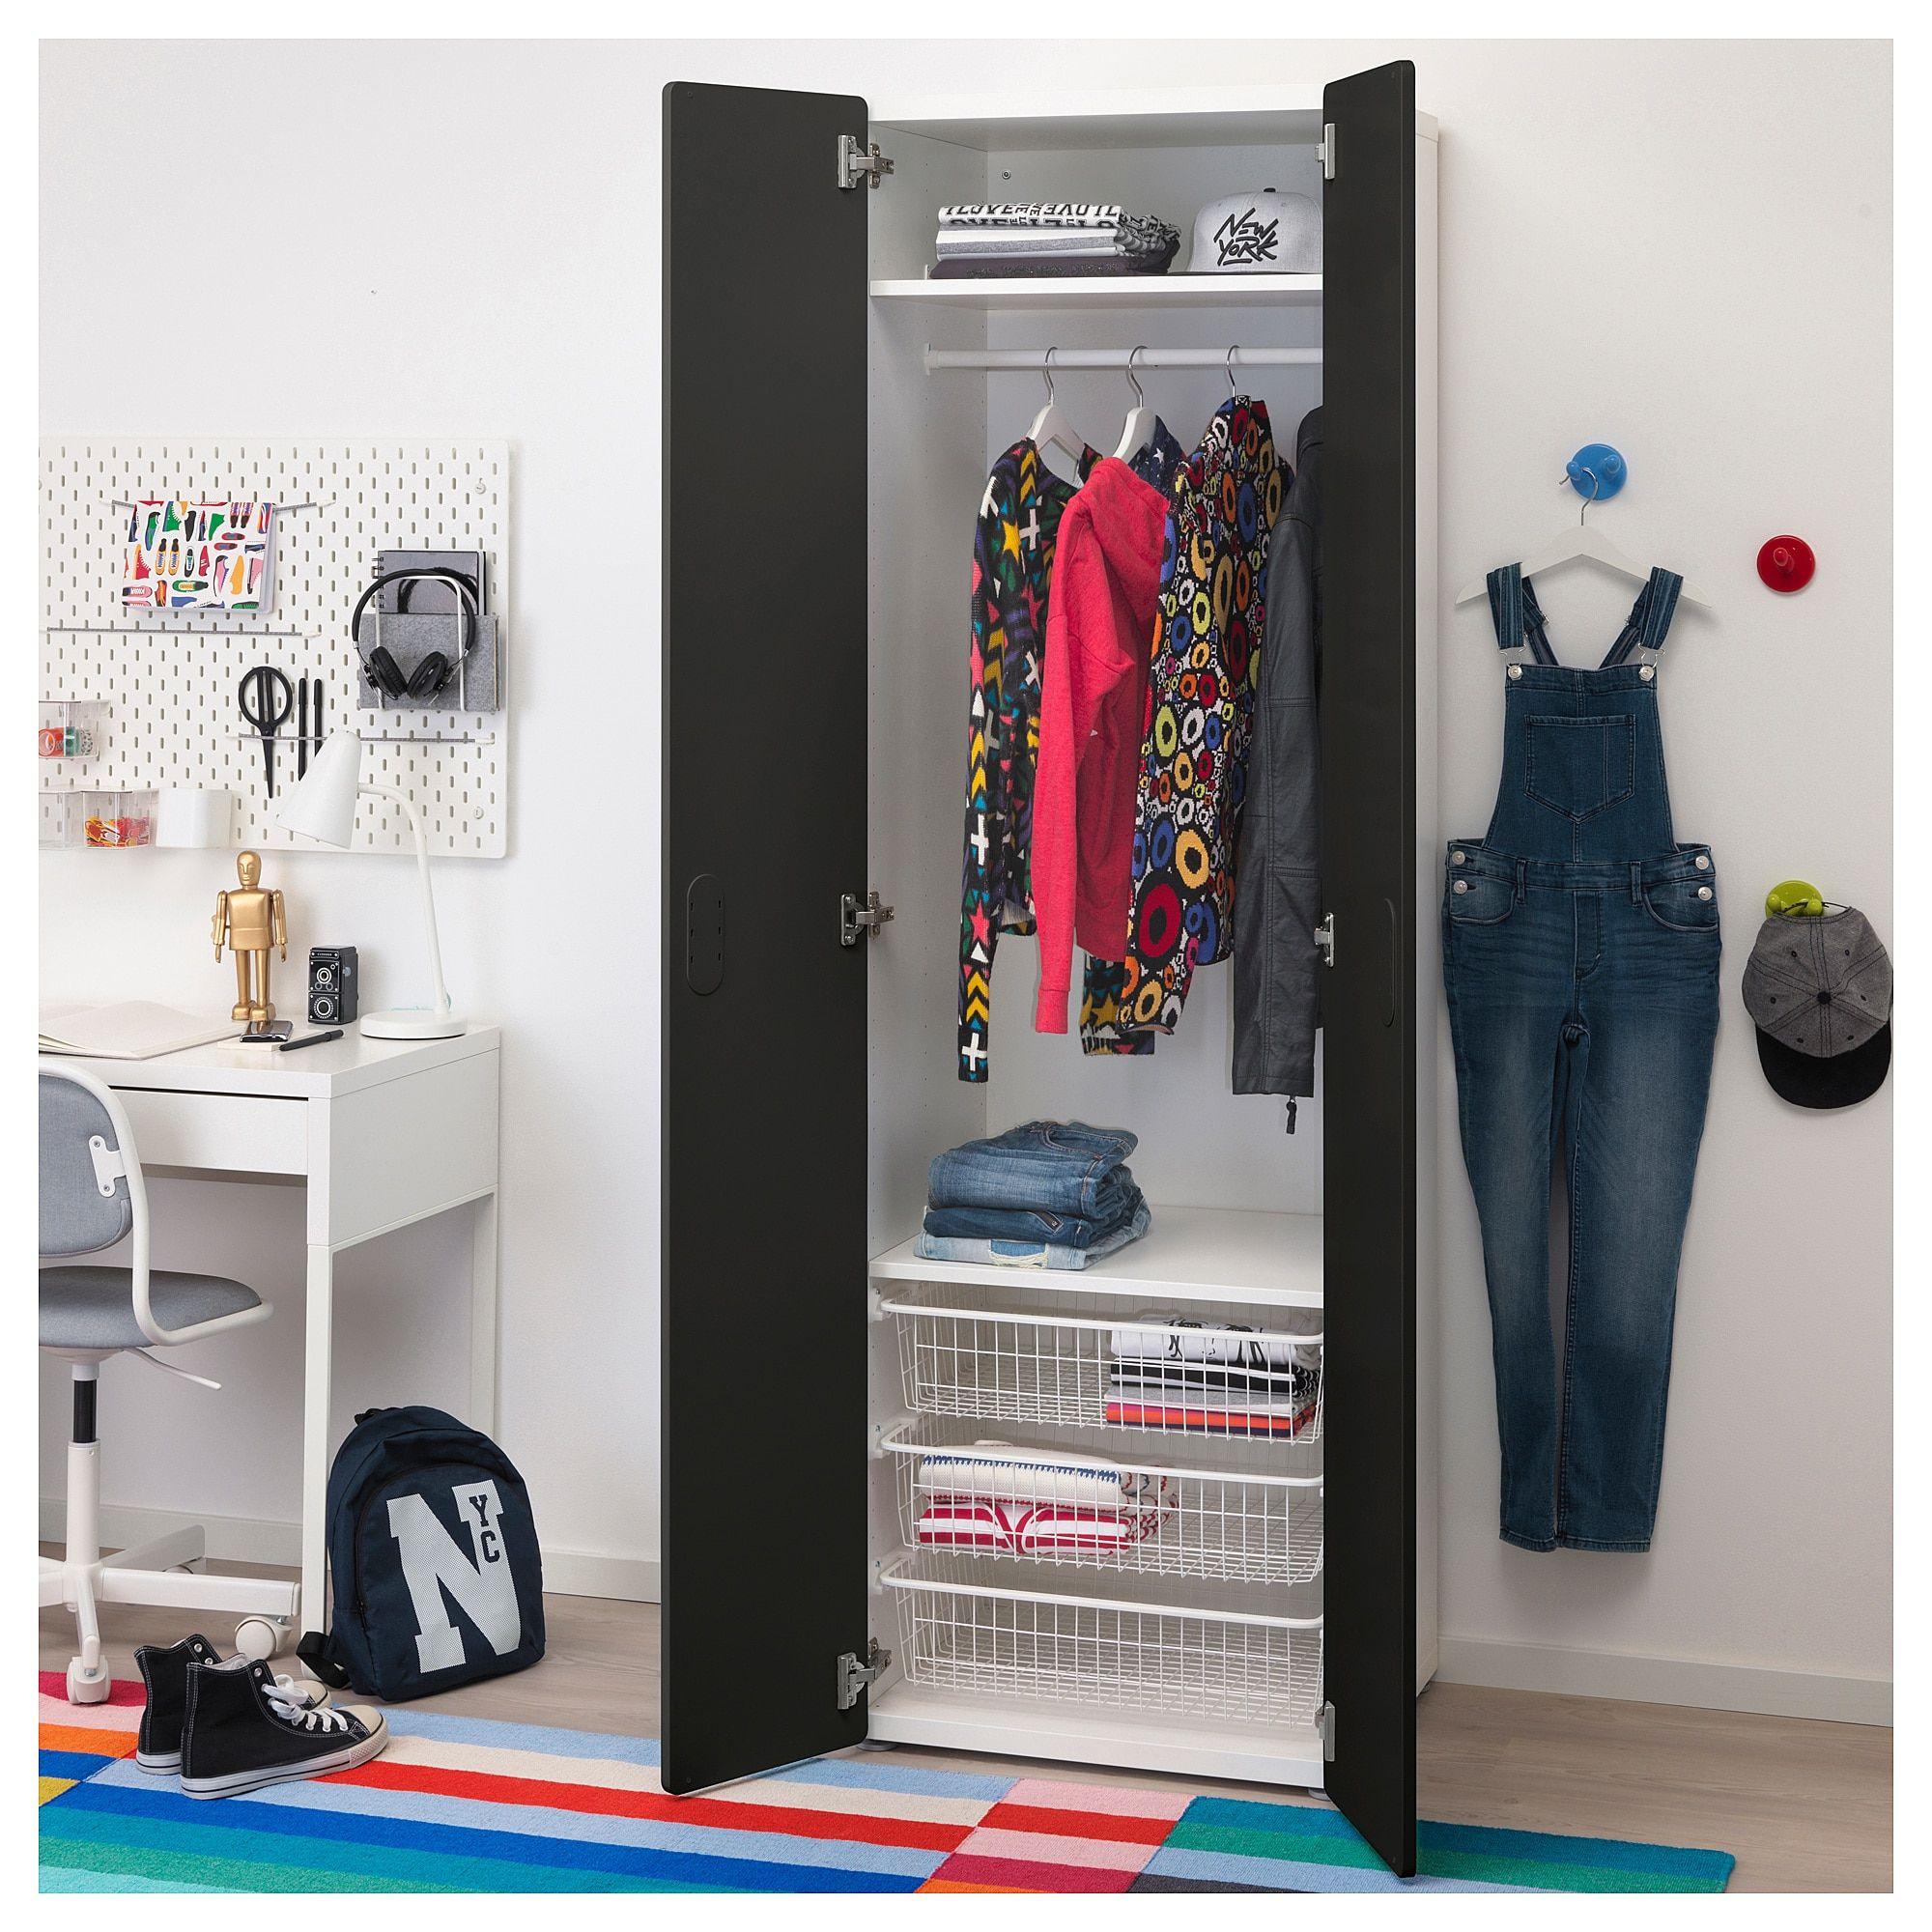 Ikea Stuva Fritids Wardrobe White Blackboard Surface For Gav